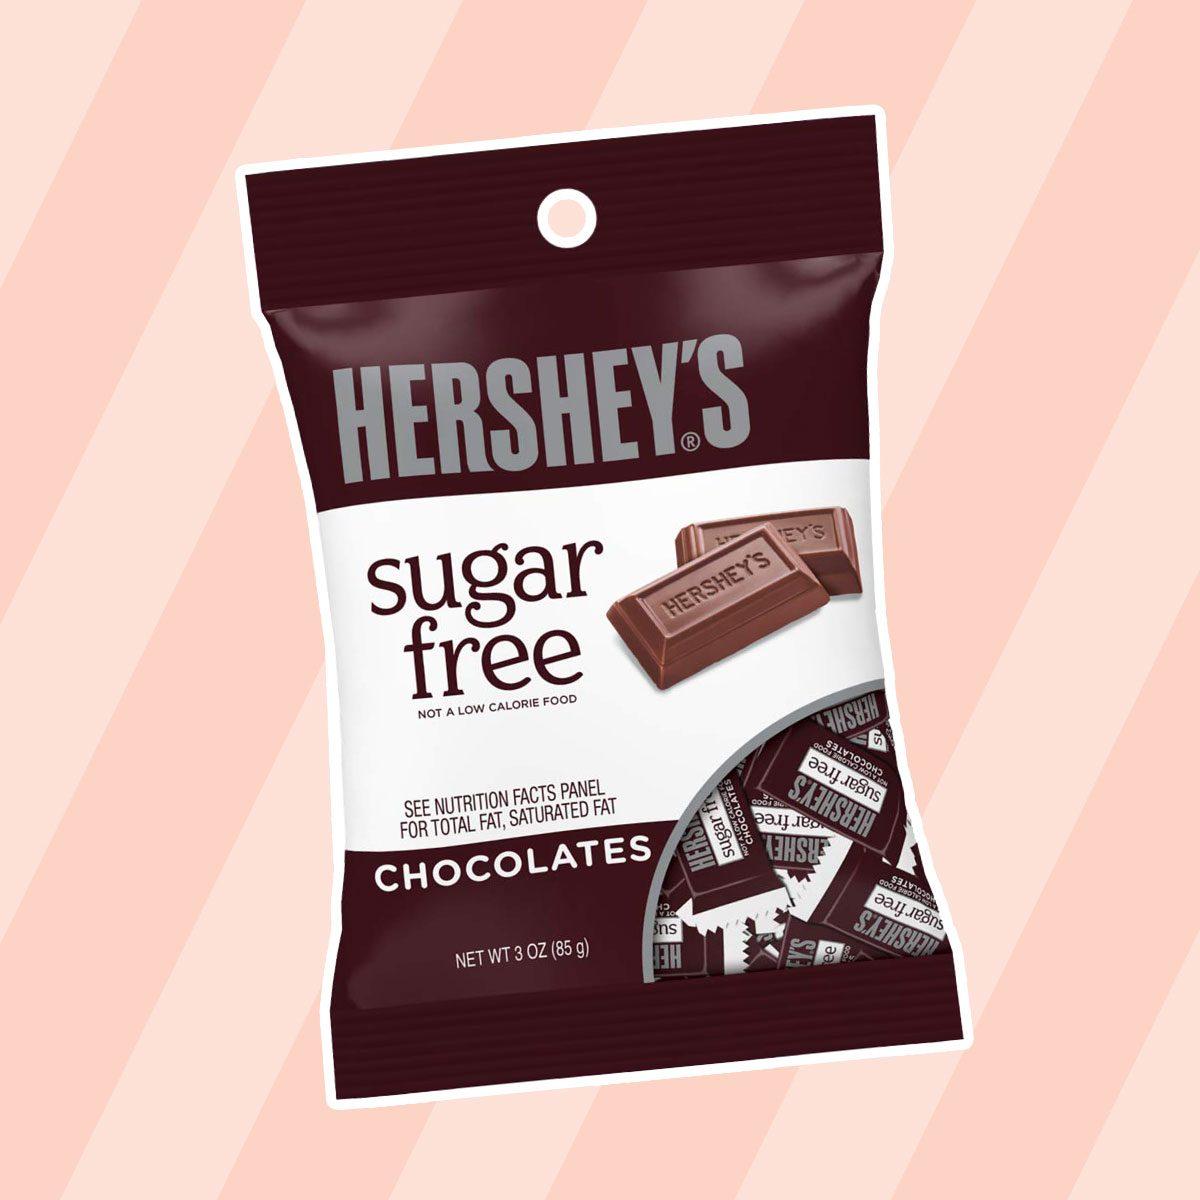 HERSHEY'S Sugar-Free Chocolate Bars